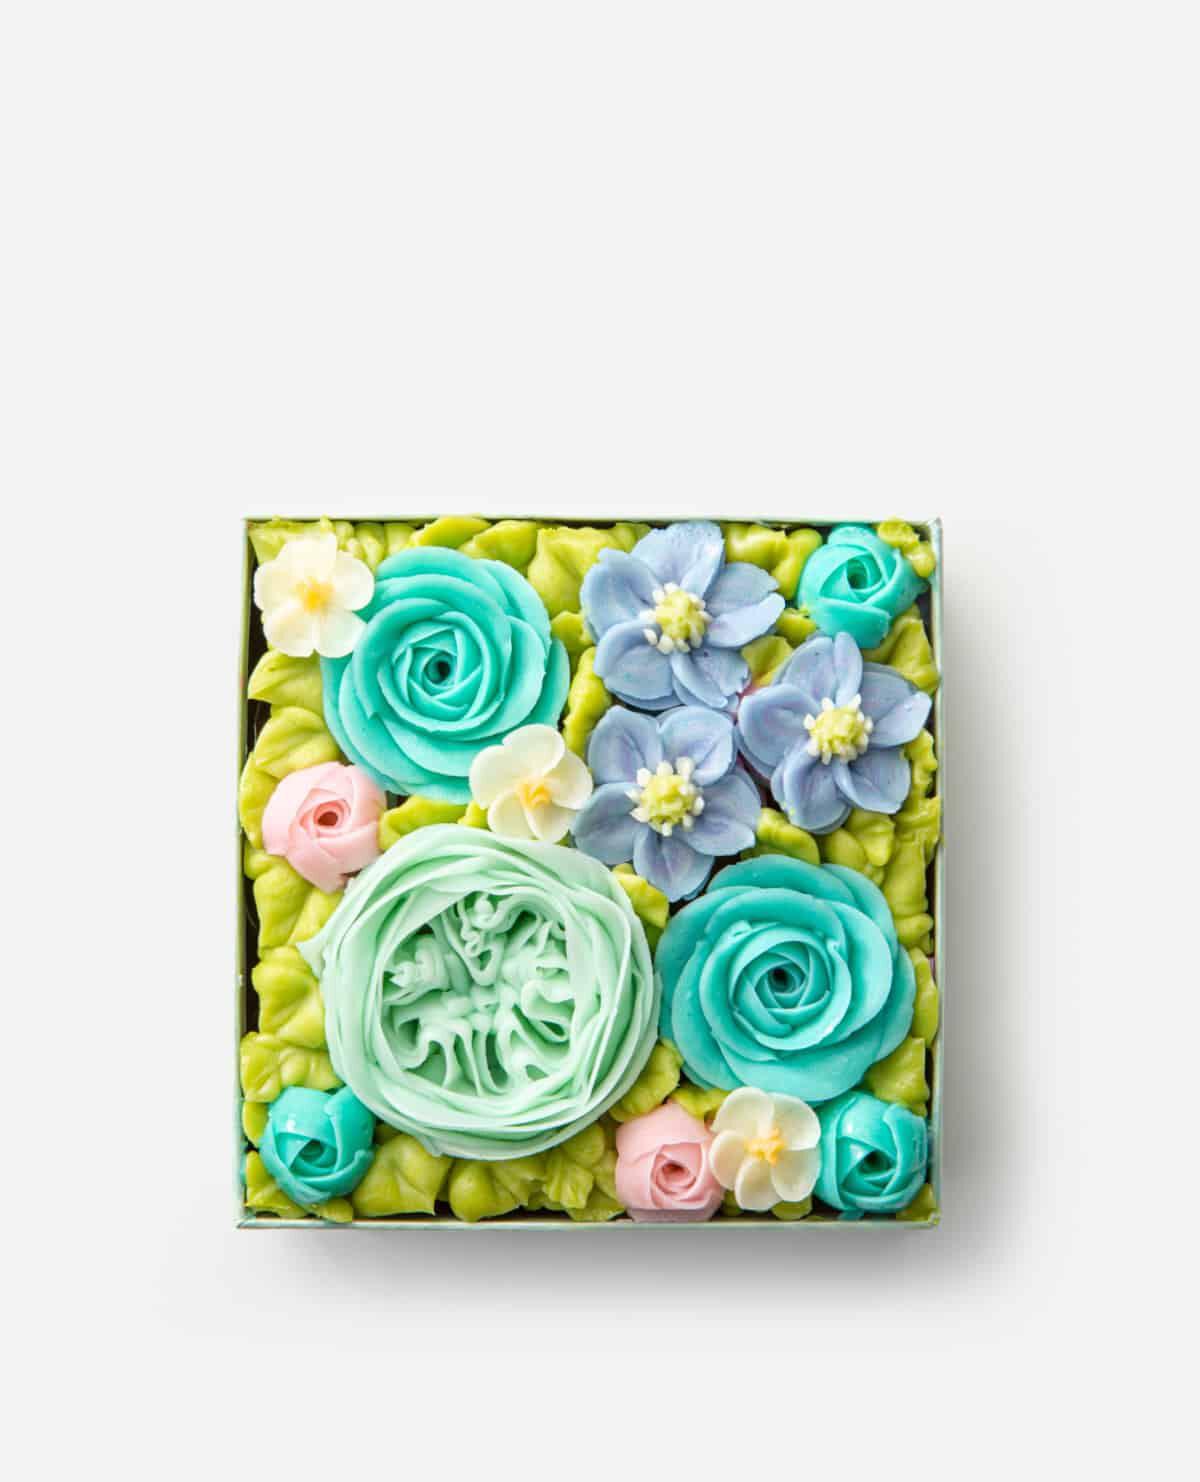 ラビアントブルー 食べられるお花のケーキ プレミアムボックスフラワーケーキ